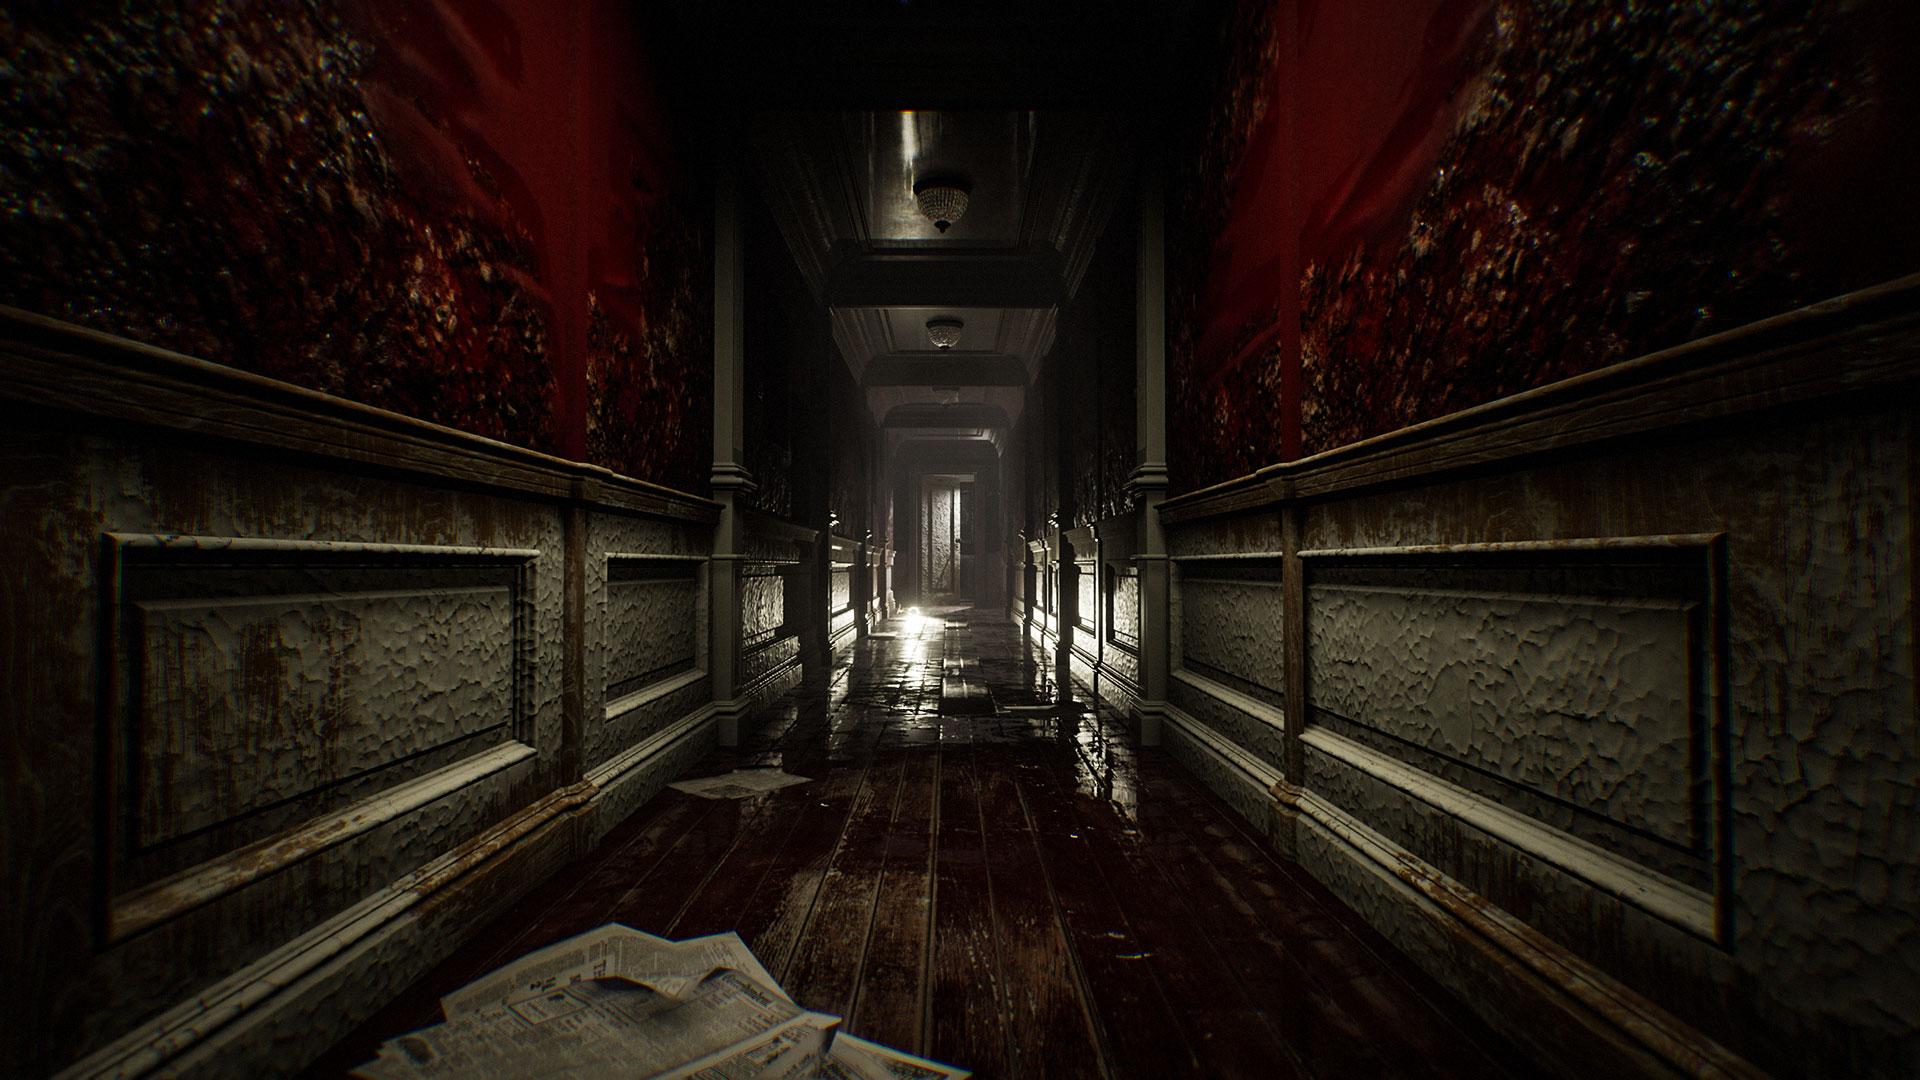 消息称《层层恐惧2》发行商或在开发《德州电锯杀人狂》游戏 反派角色曝光